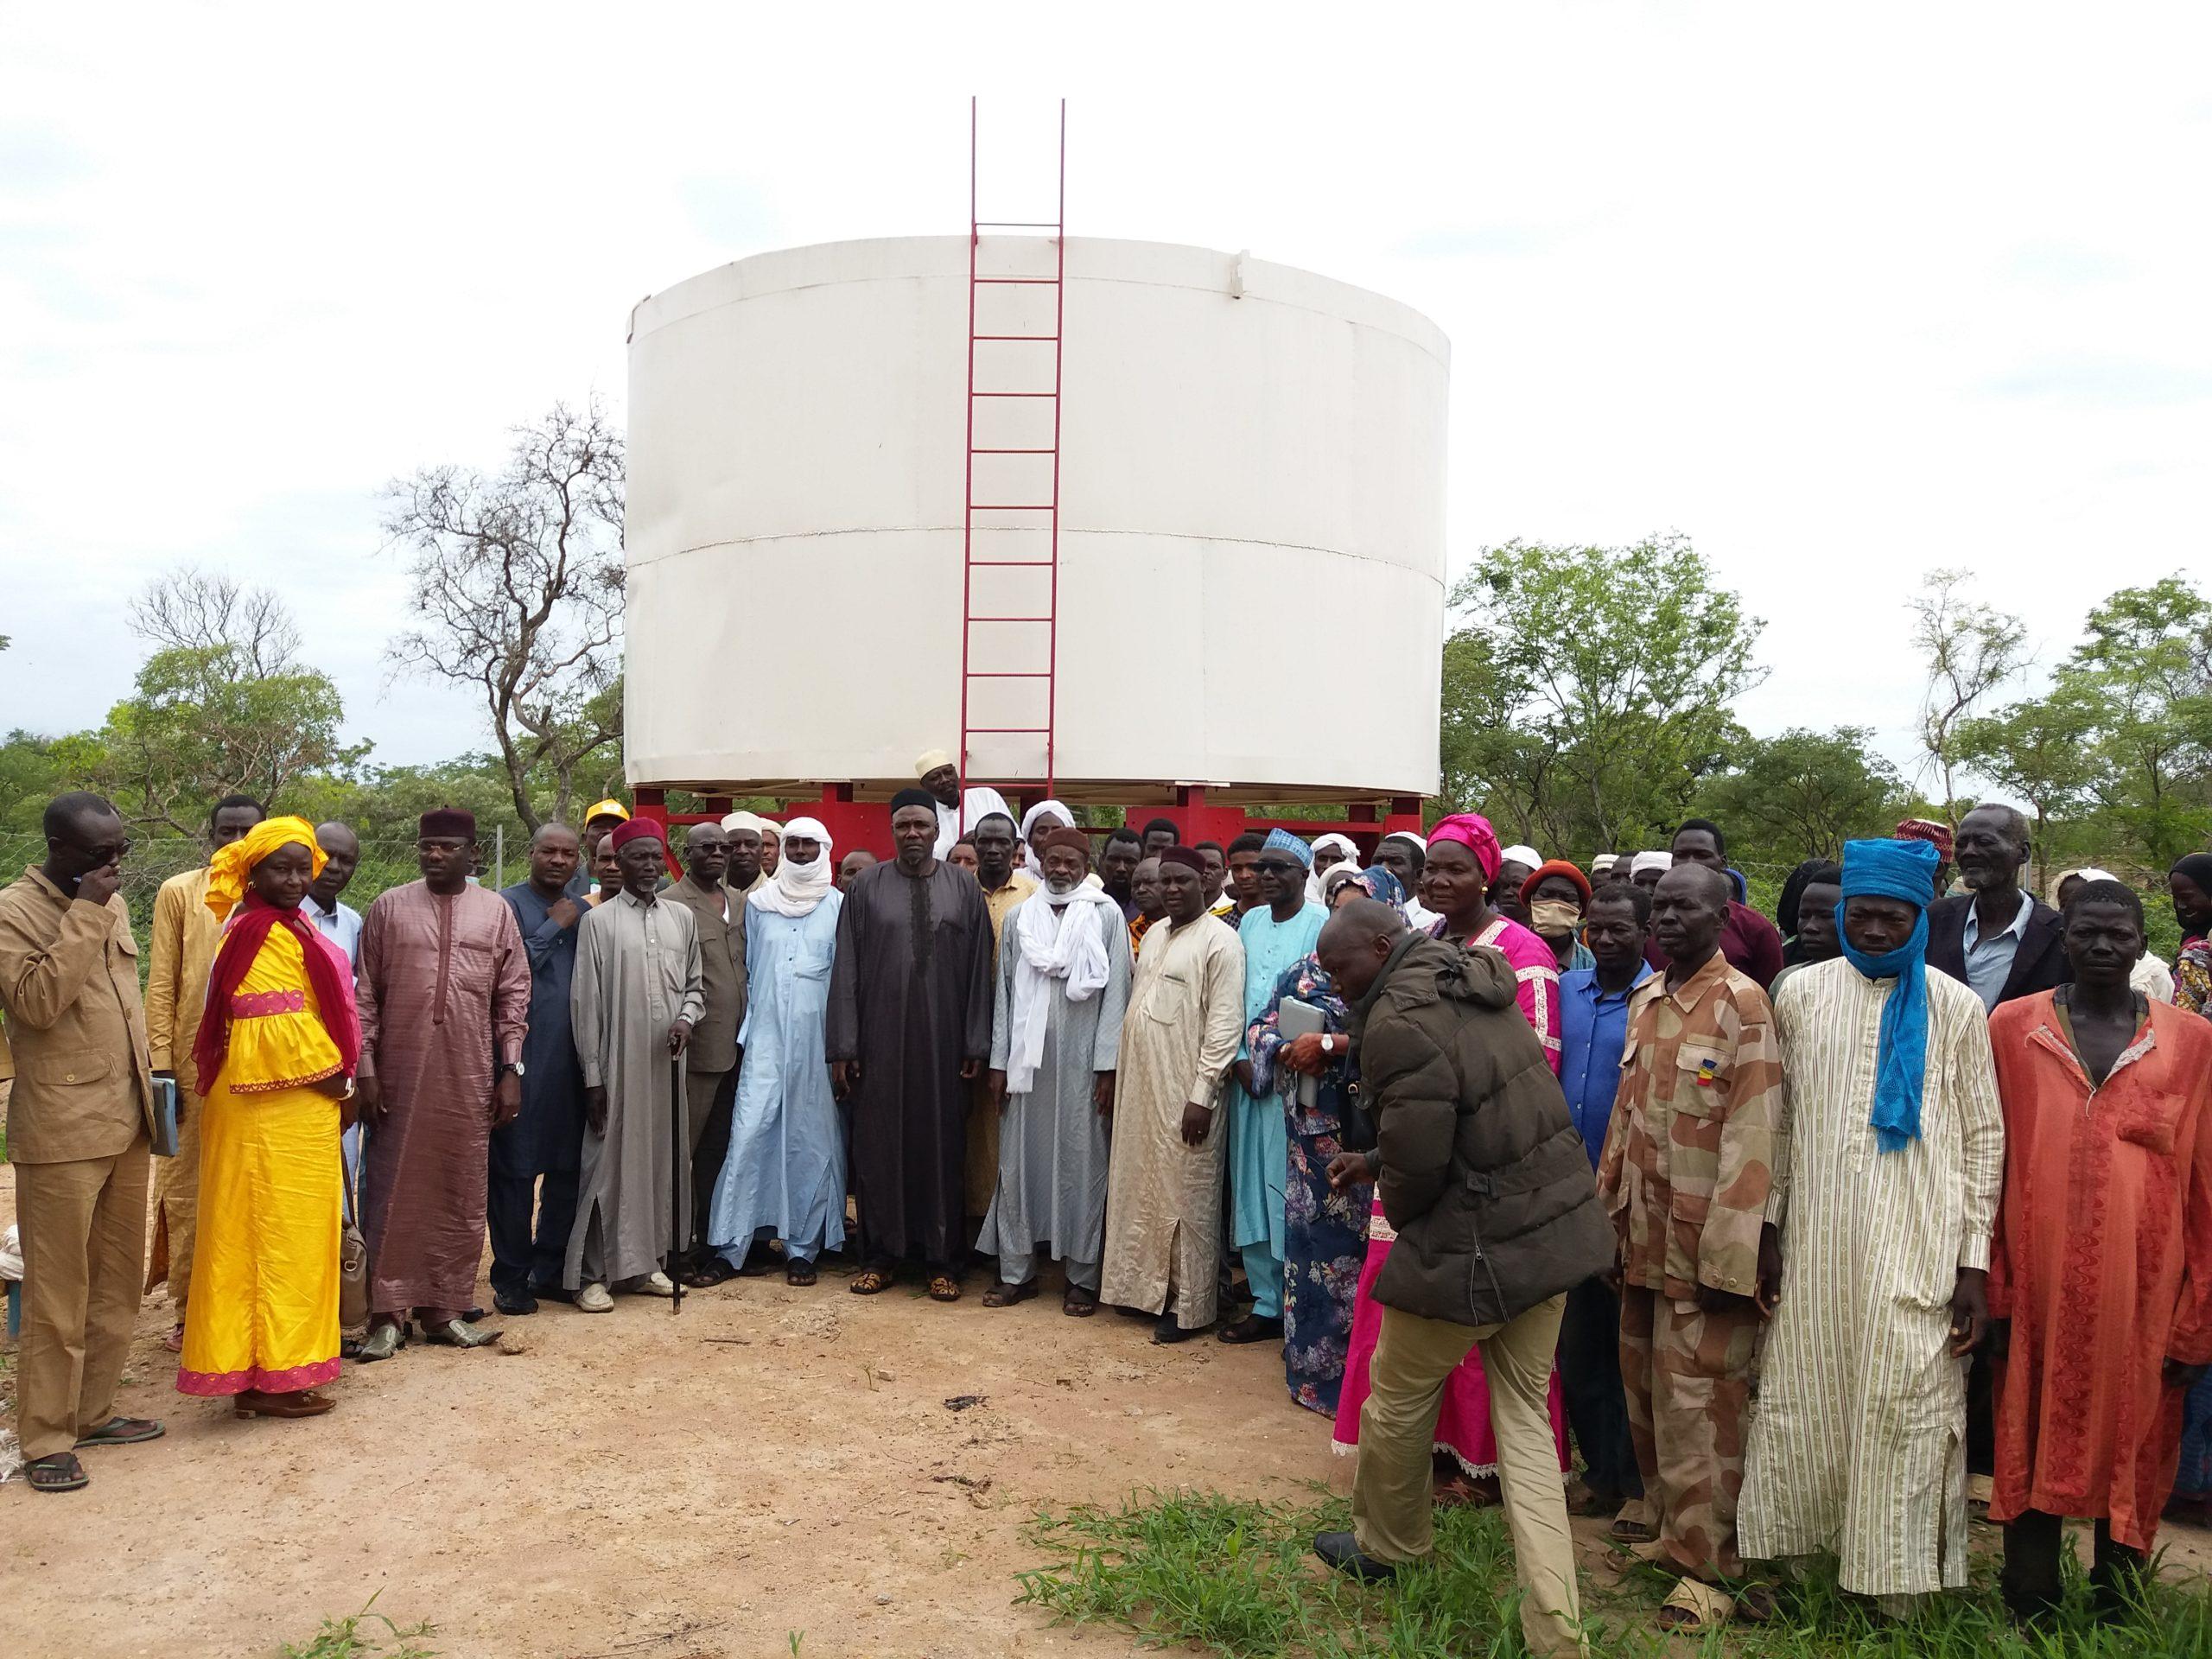 Visite de la station pastorale de Dildayo/Goundi par le Ministre de l'élevage et des productions animales Dr Abderahim Awat Atteib (08/07/2021) ouvrage réalisé par le PASTOR.